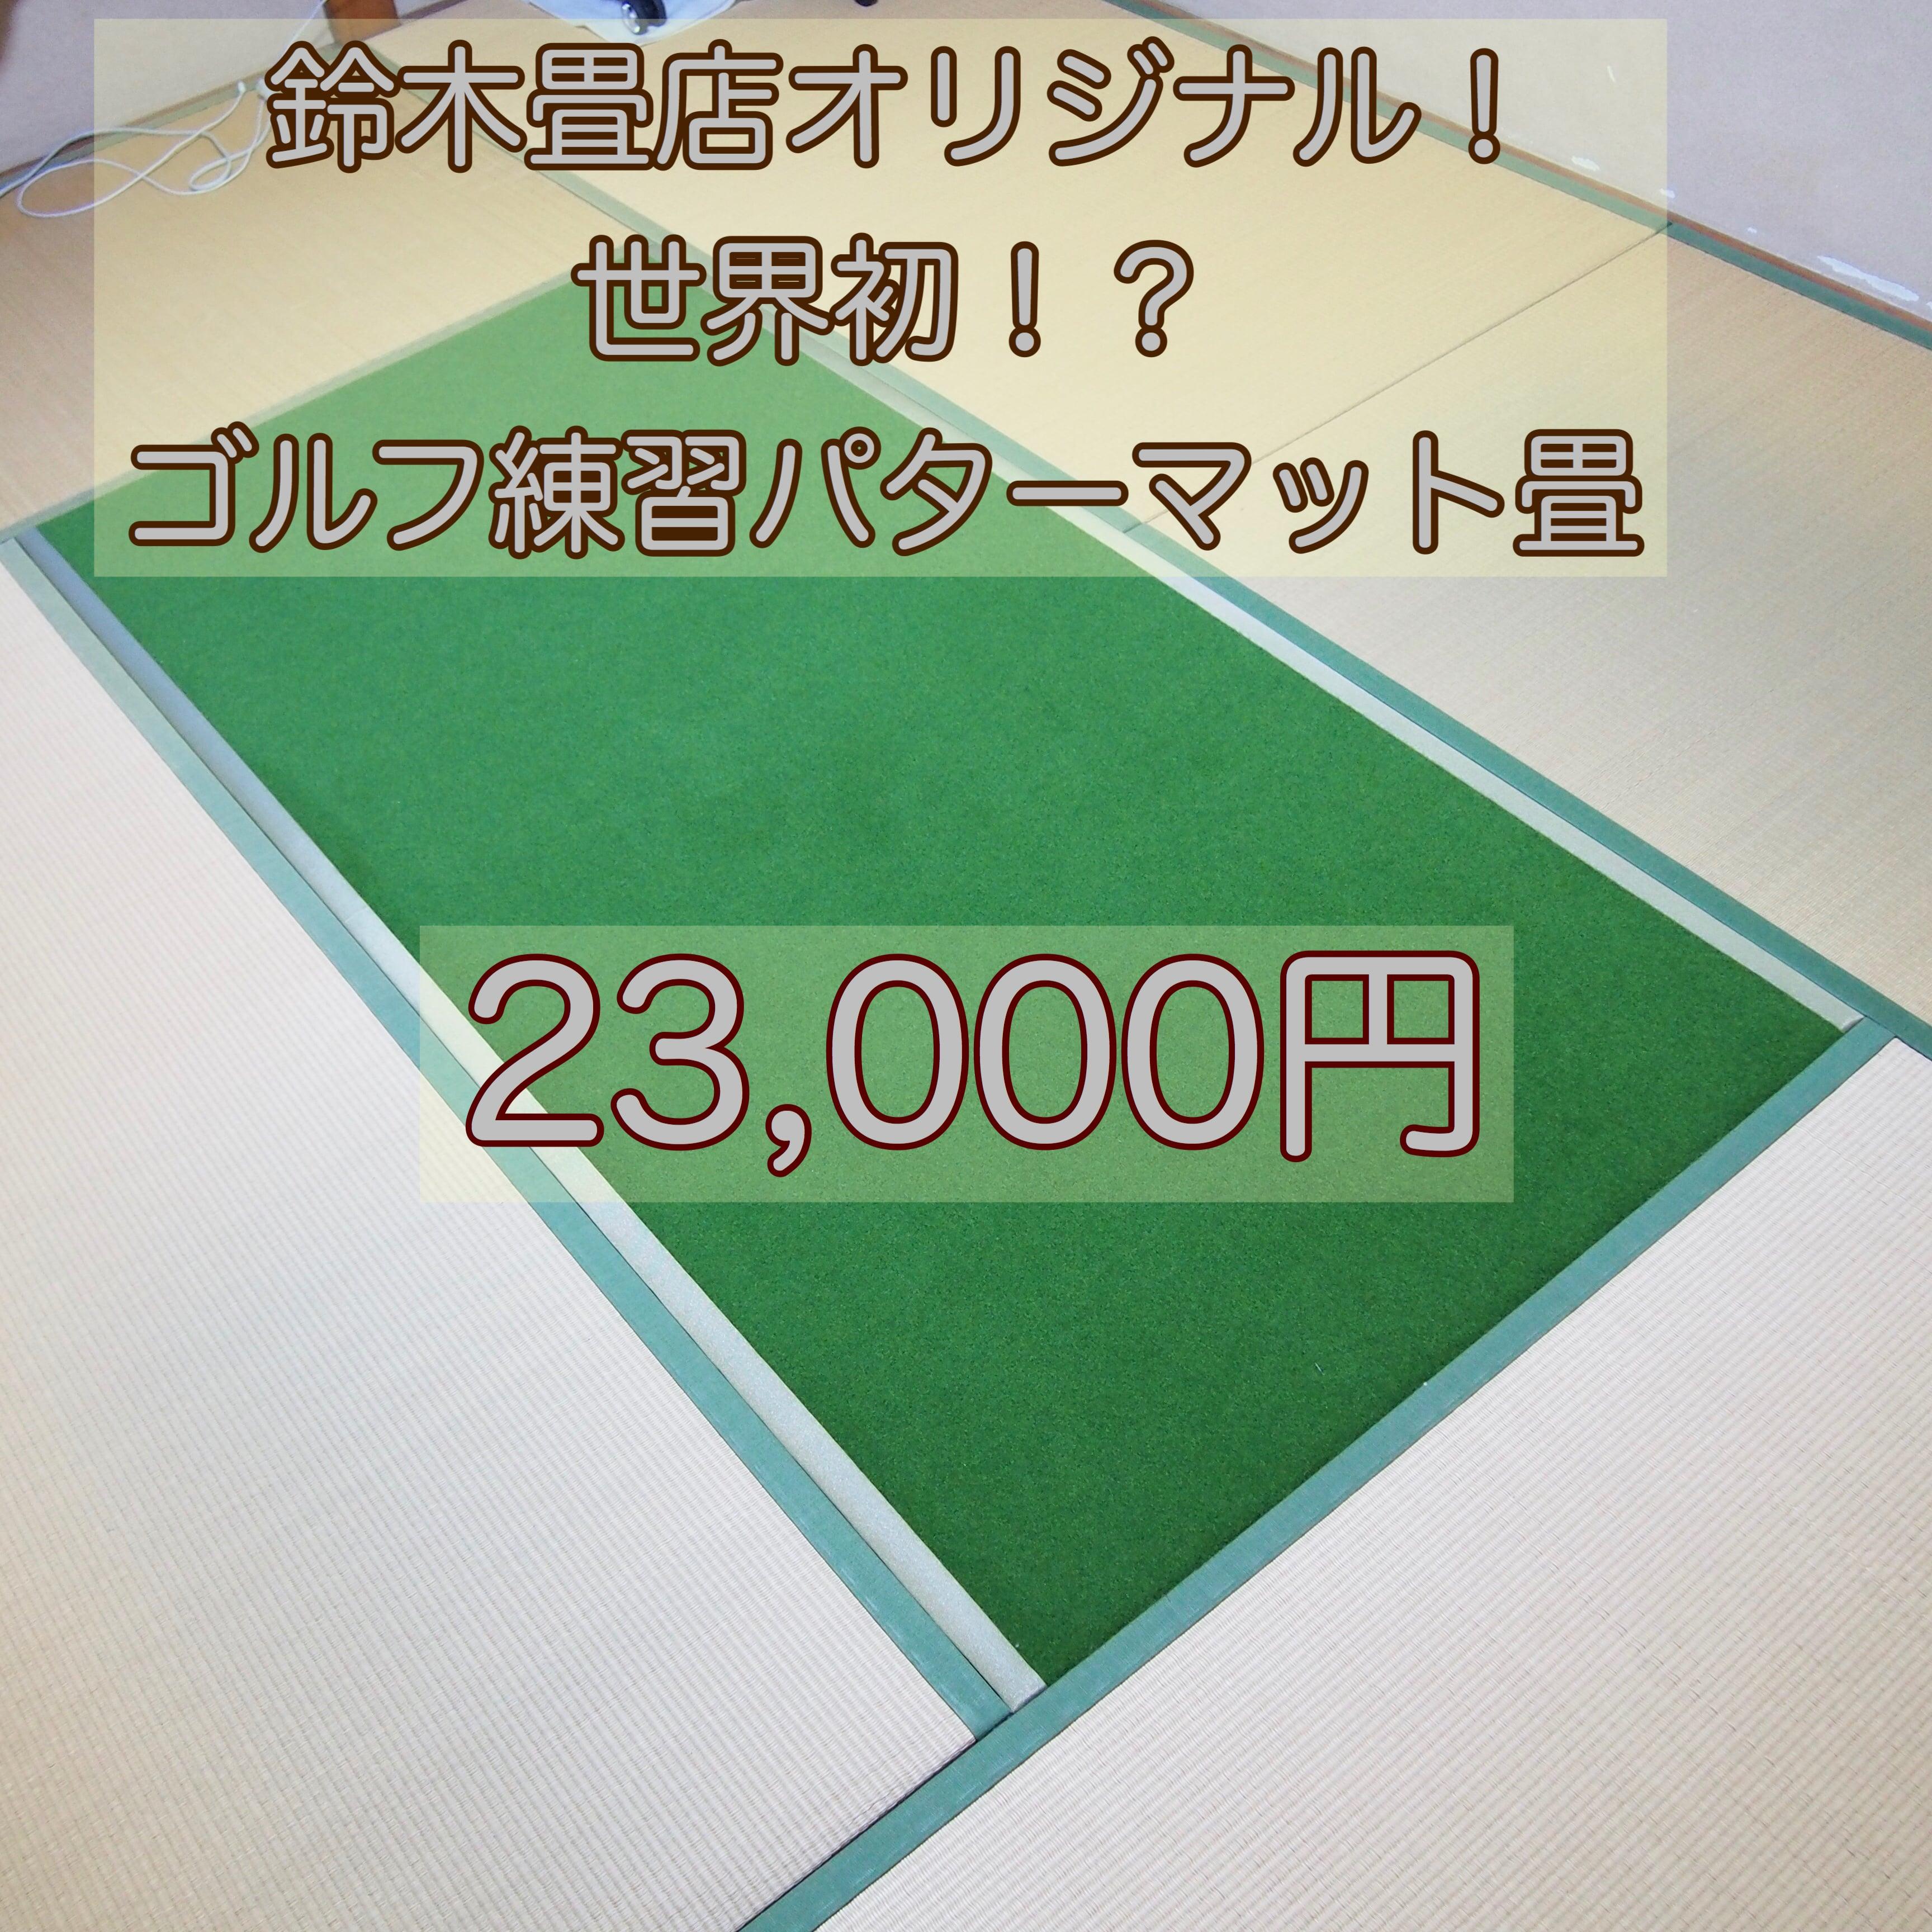 ゴルフパター練習用/畳パターマット/畳部屋がゴルフの練習所に!!のイメージその1